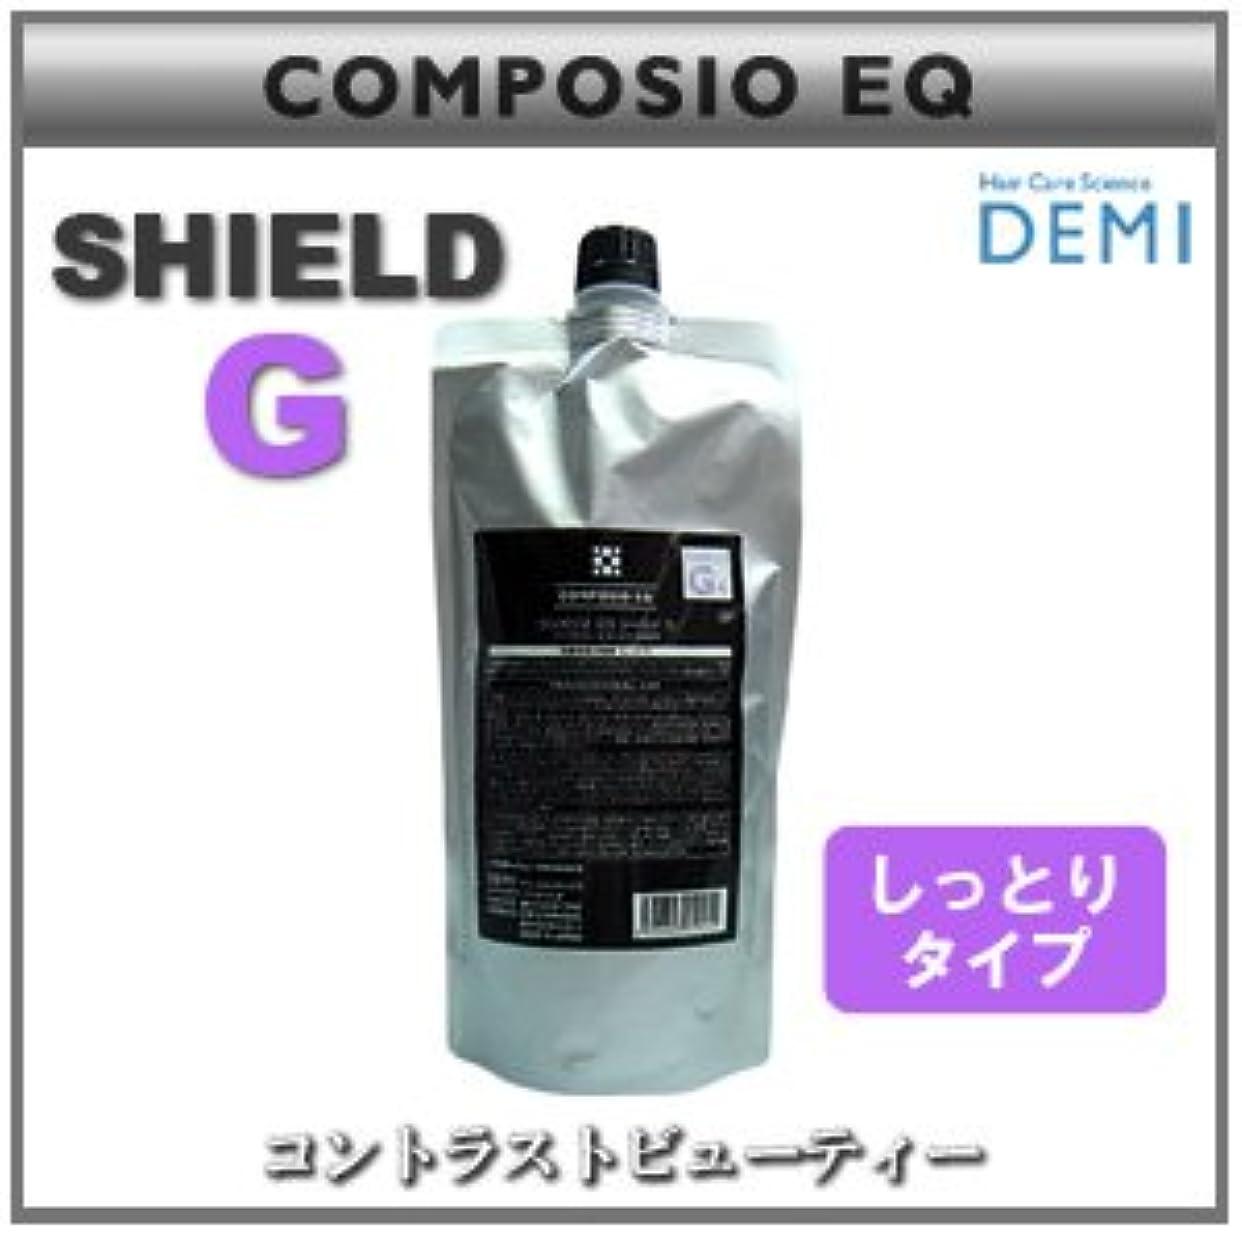 破壊的な取り替える苗【X5個セット】 デミ コンポジオ EQ シールド G 450g